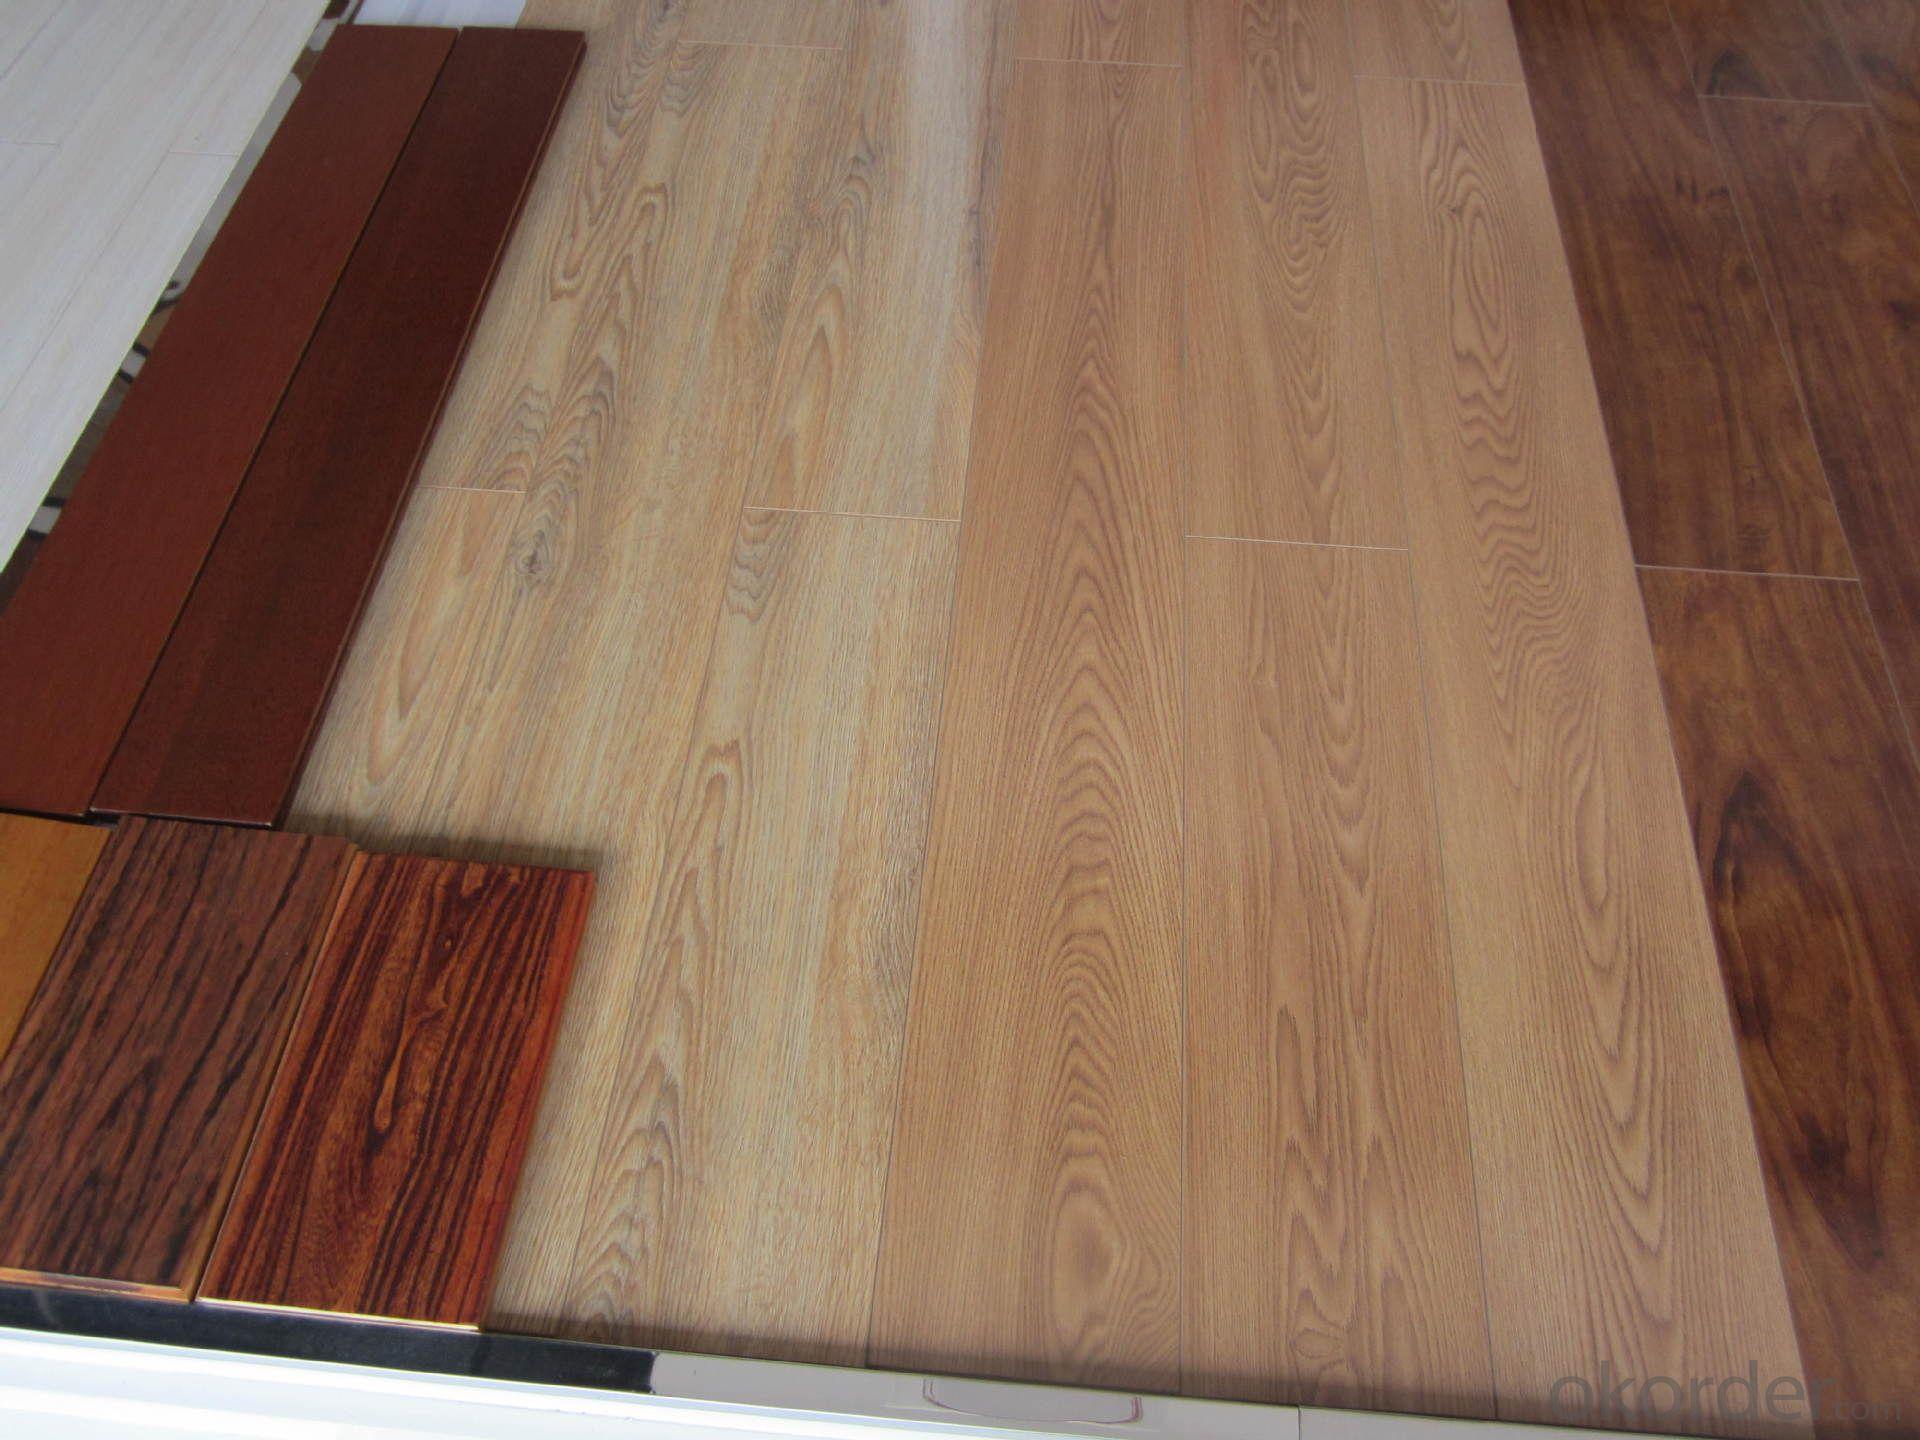 Buy Melamine Mdf Board Wood Grain Melamine Mdf Price Size